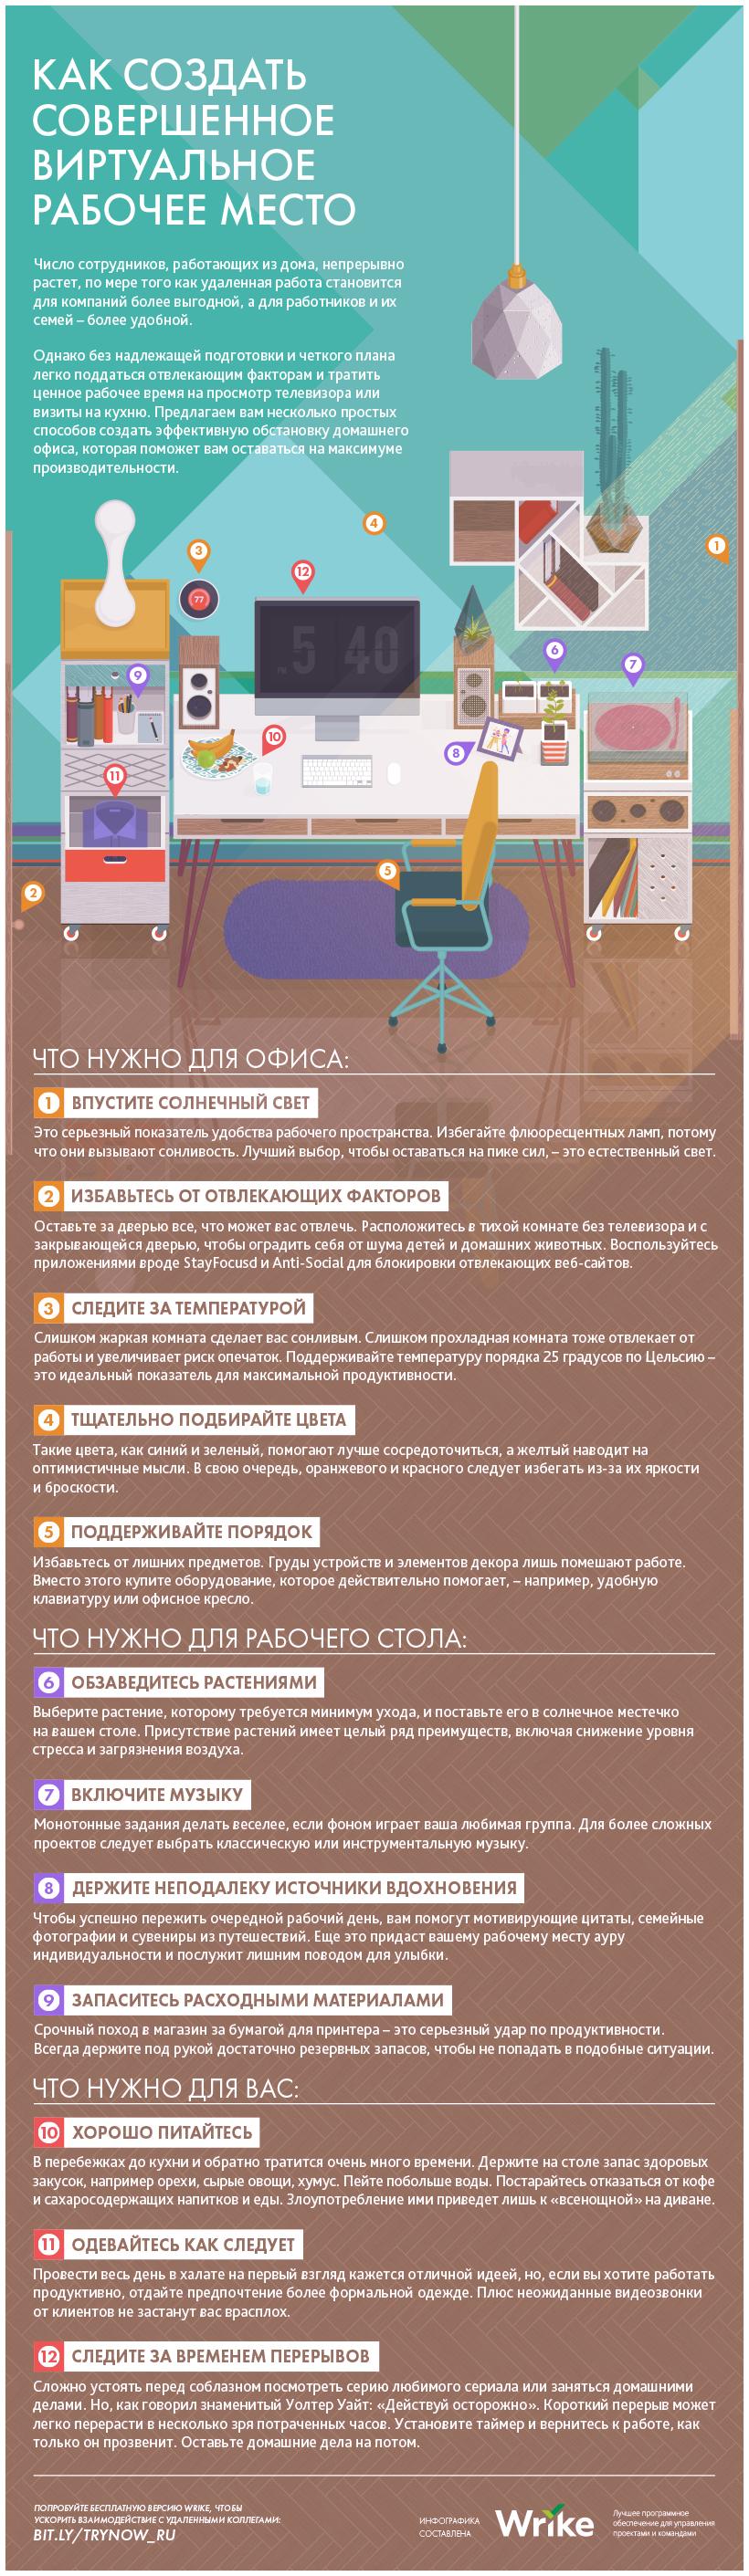 Как создать идеальную среду для удаленной работы (#инфографика)